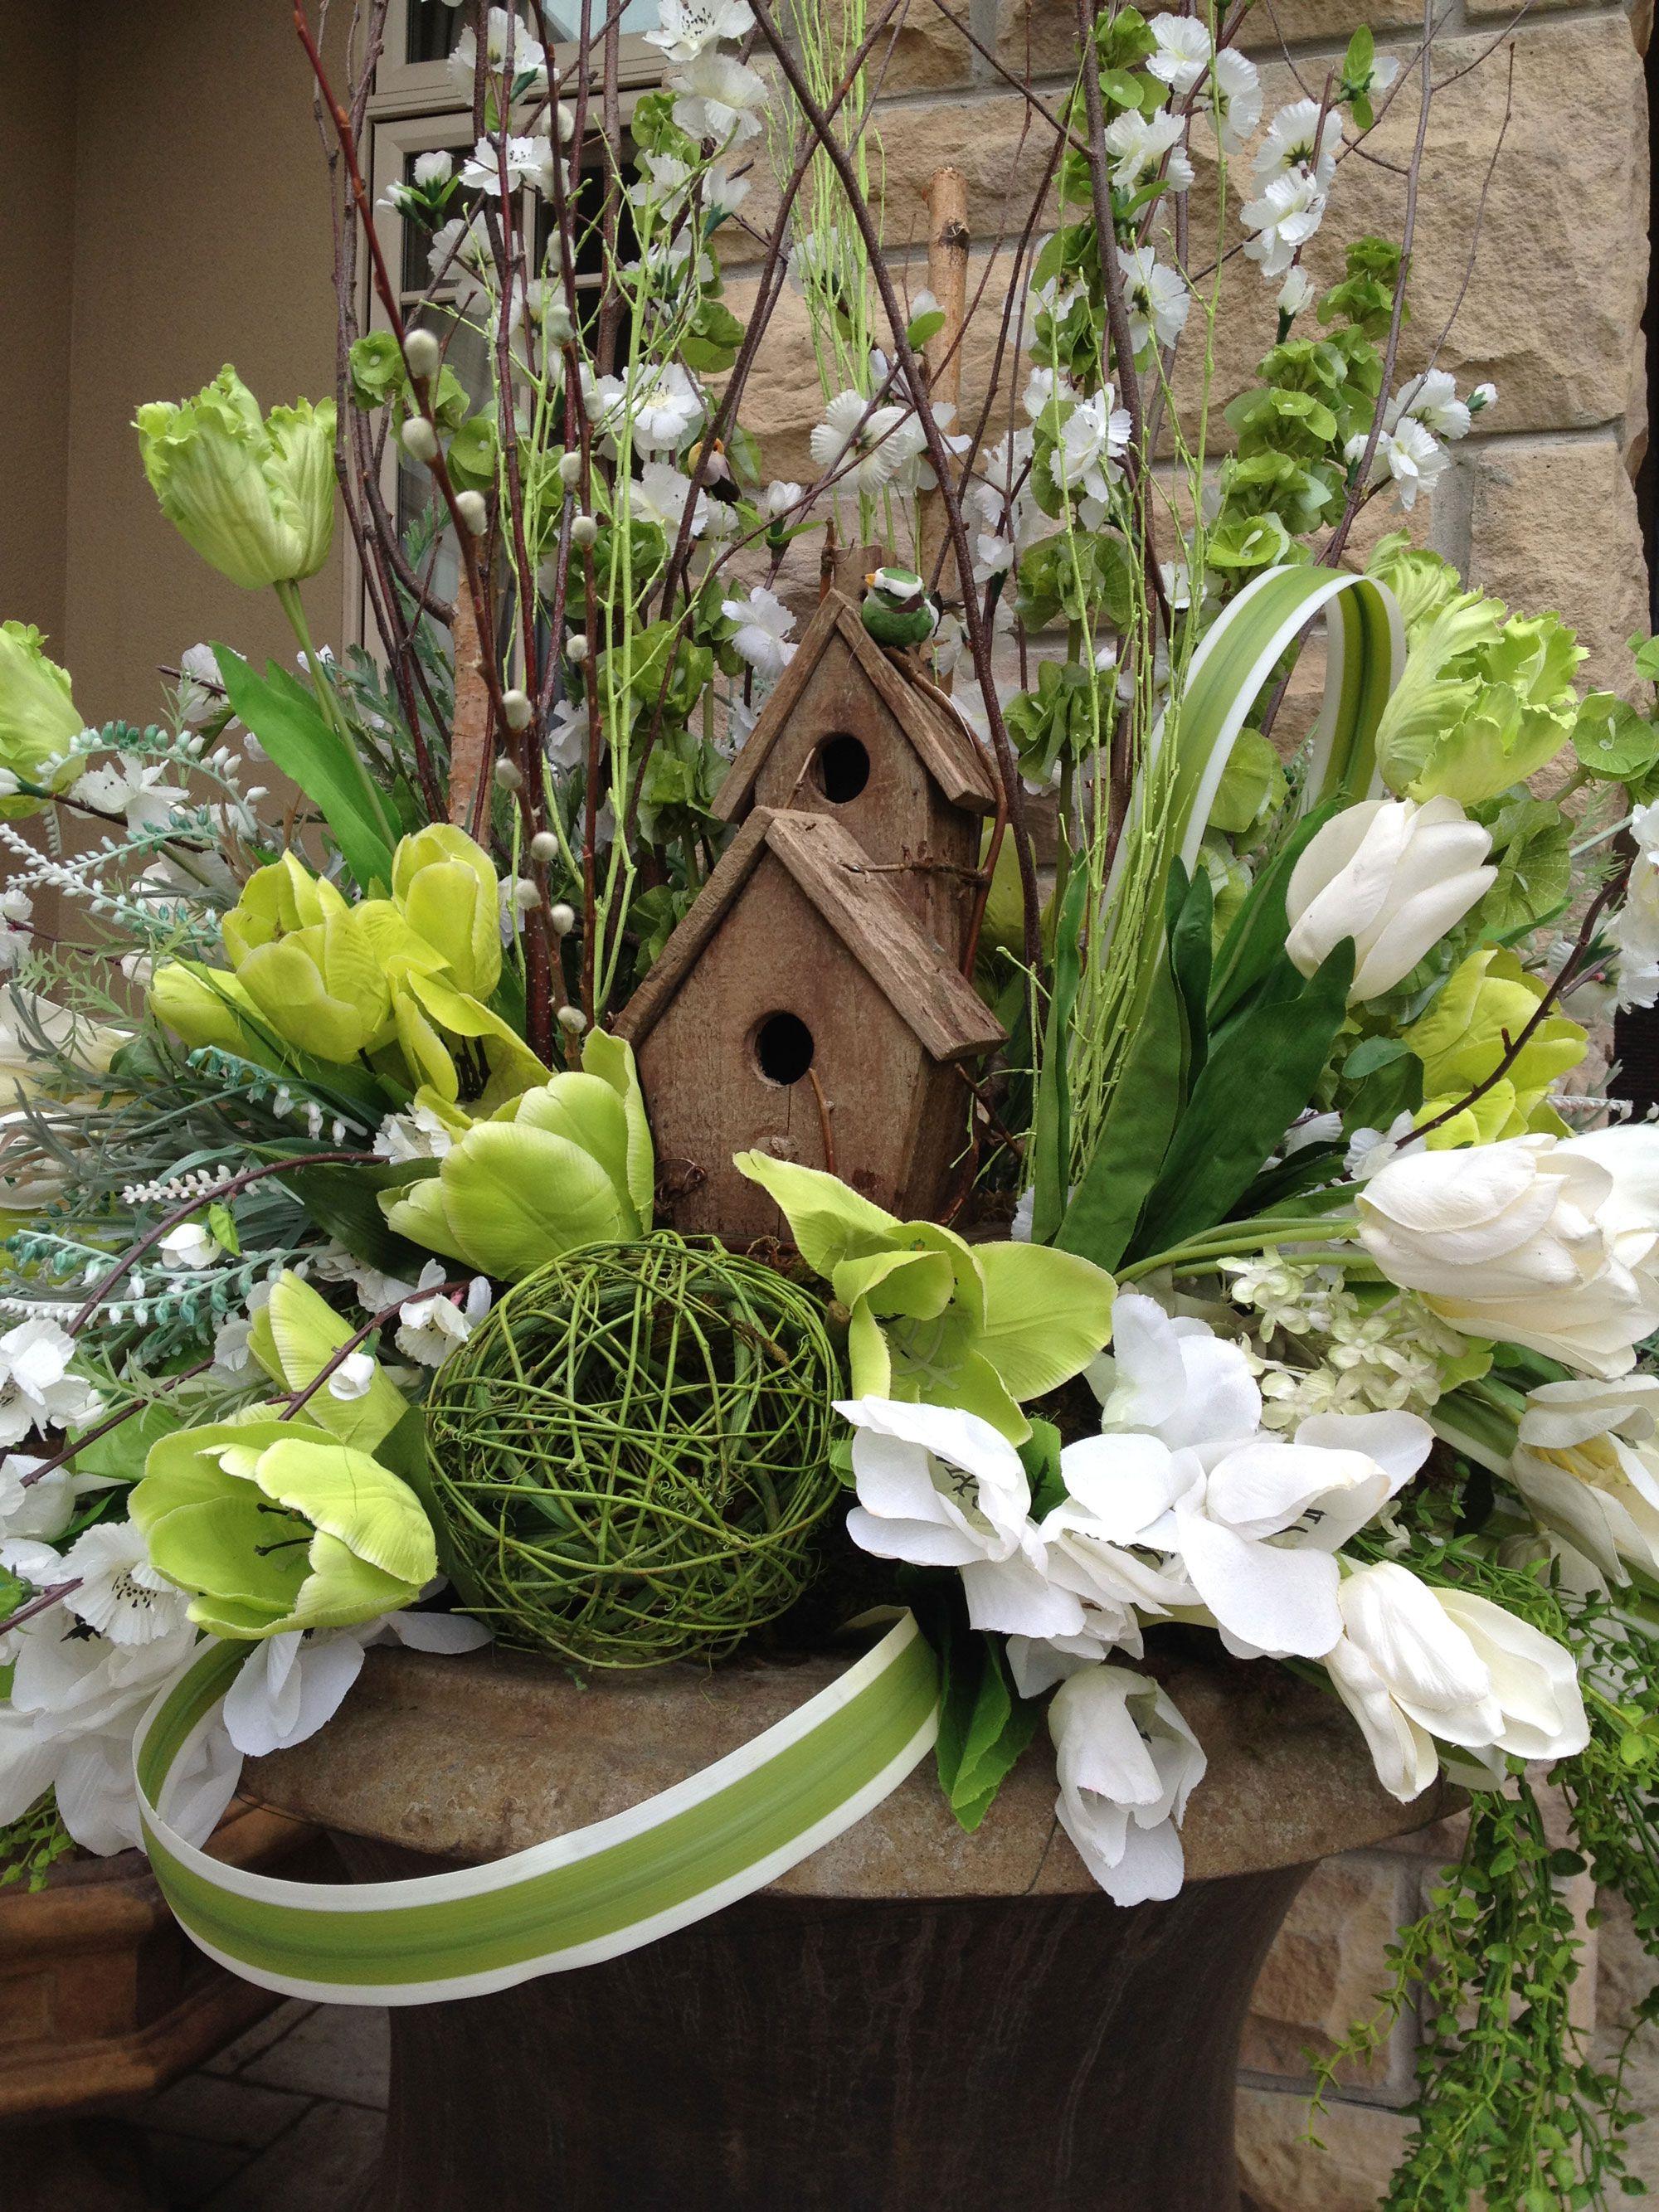 Maisons d'oiseaux et fleurs pour la décoration de Pâques